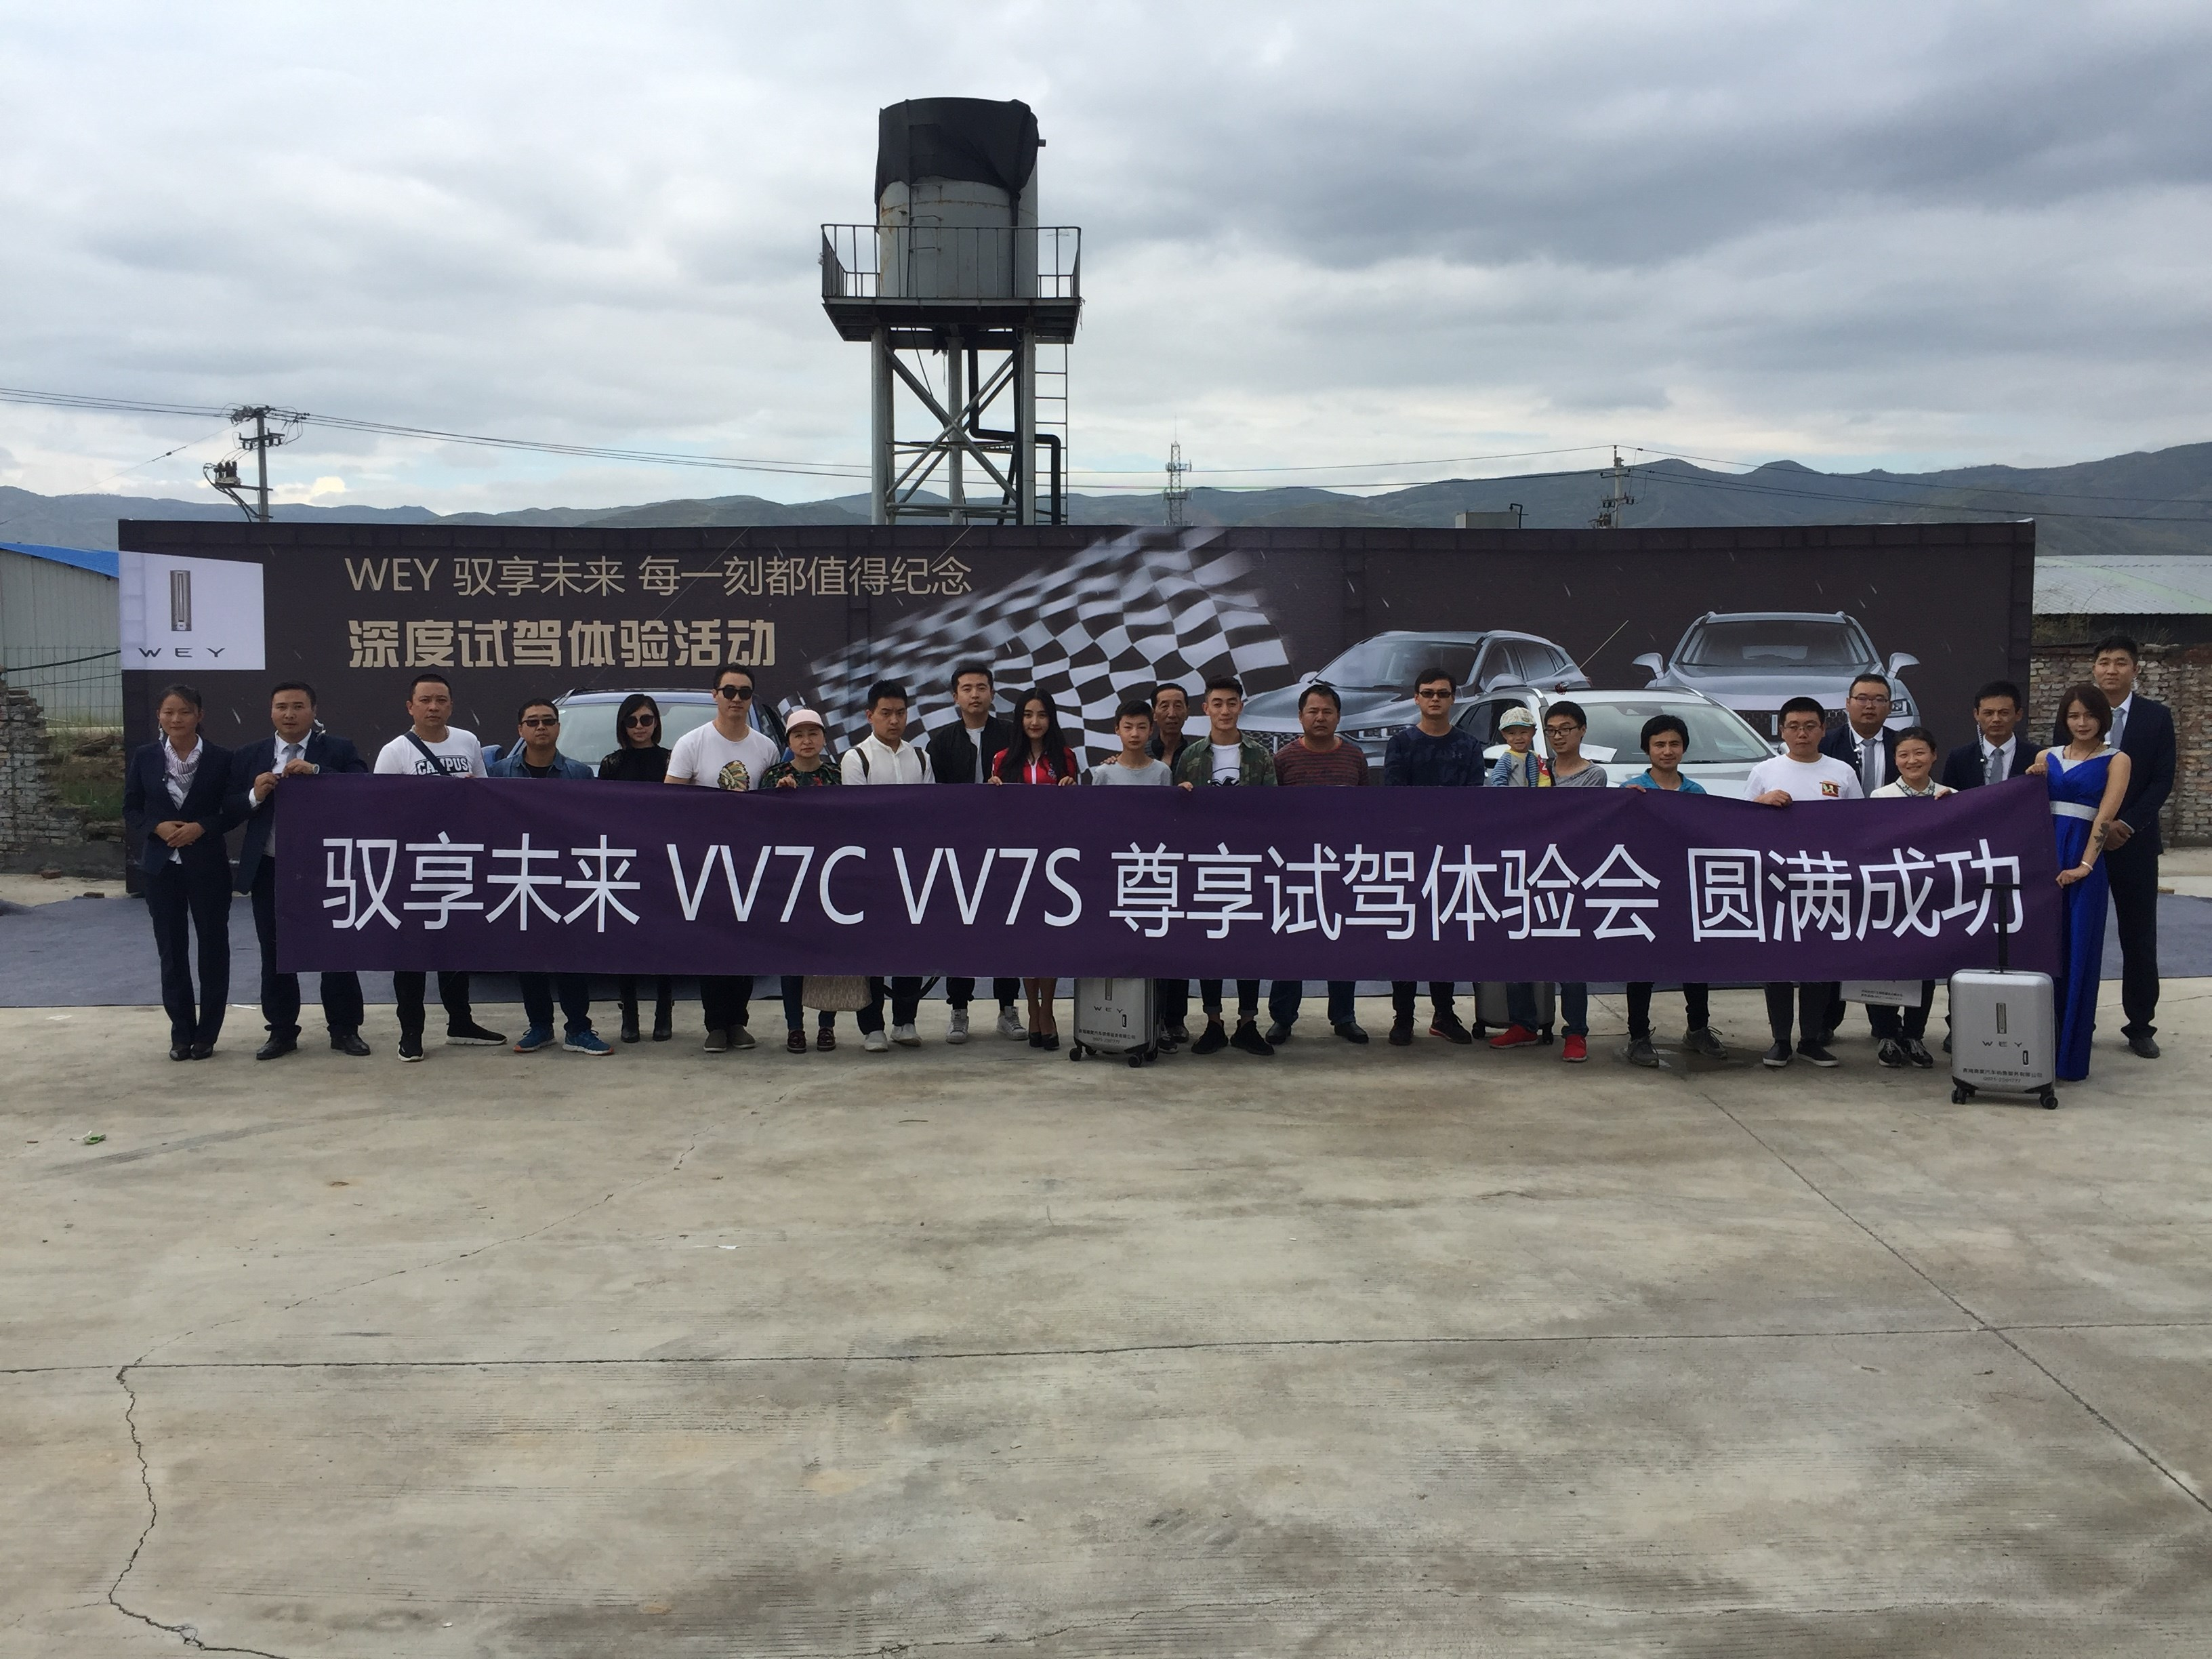 驭享未来 VV7C VV7S 深度试驾体验会